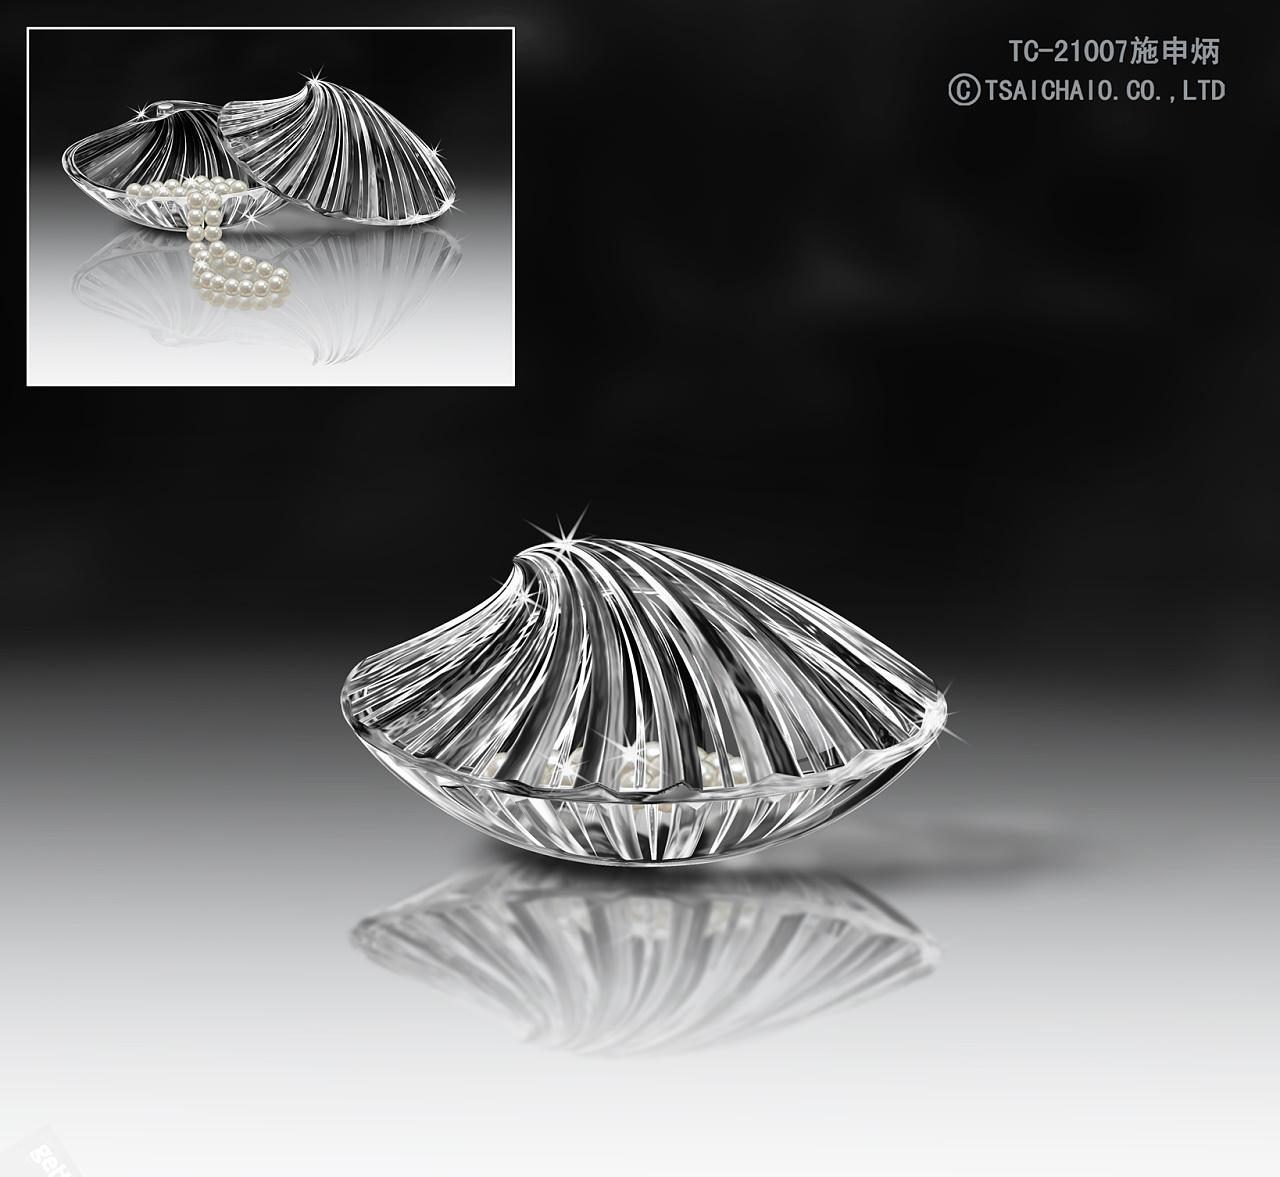 电脑手绘的透明系列 工业/产品 礼品/纪念品 宝贝蛋